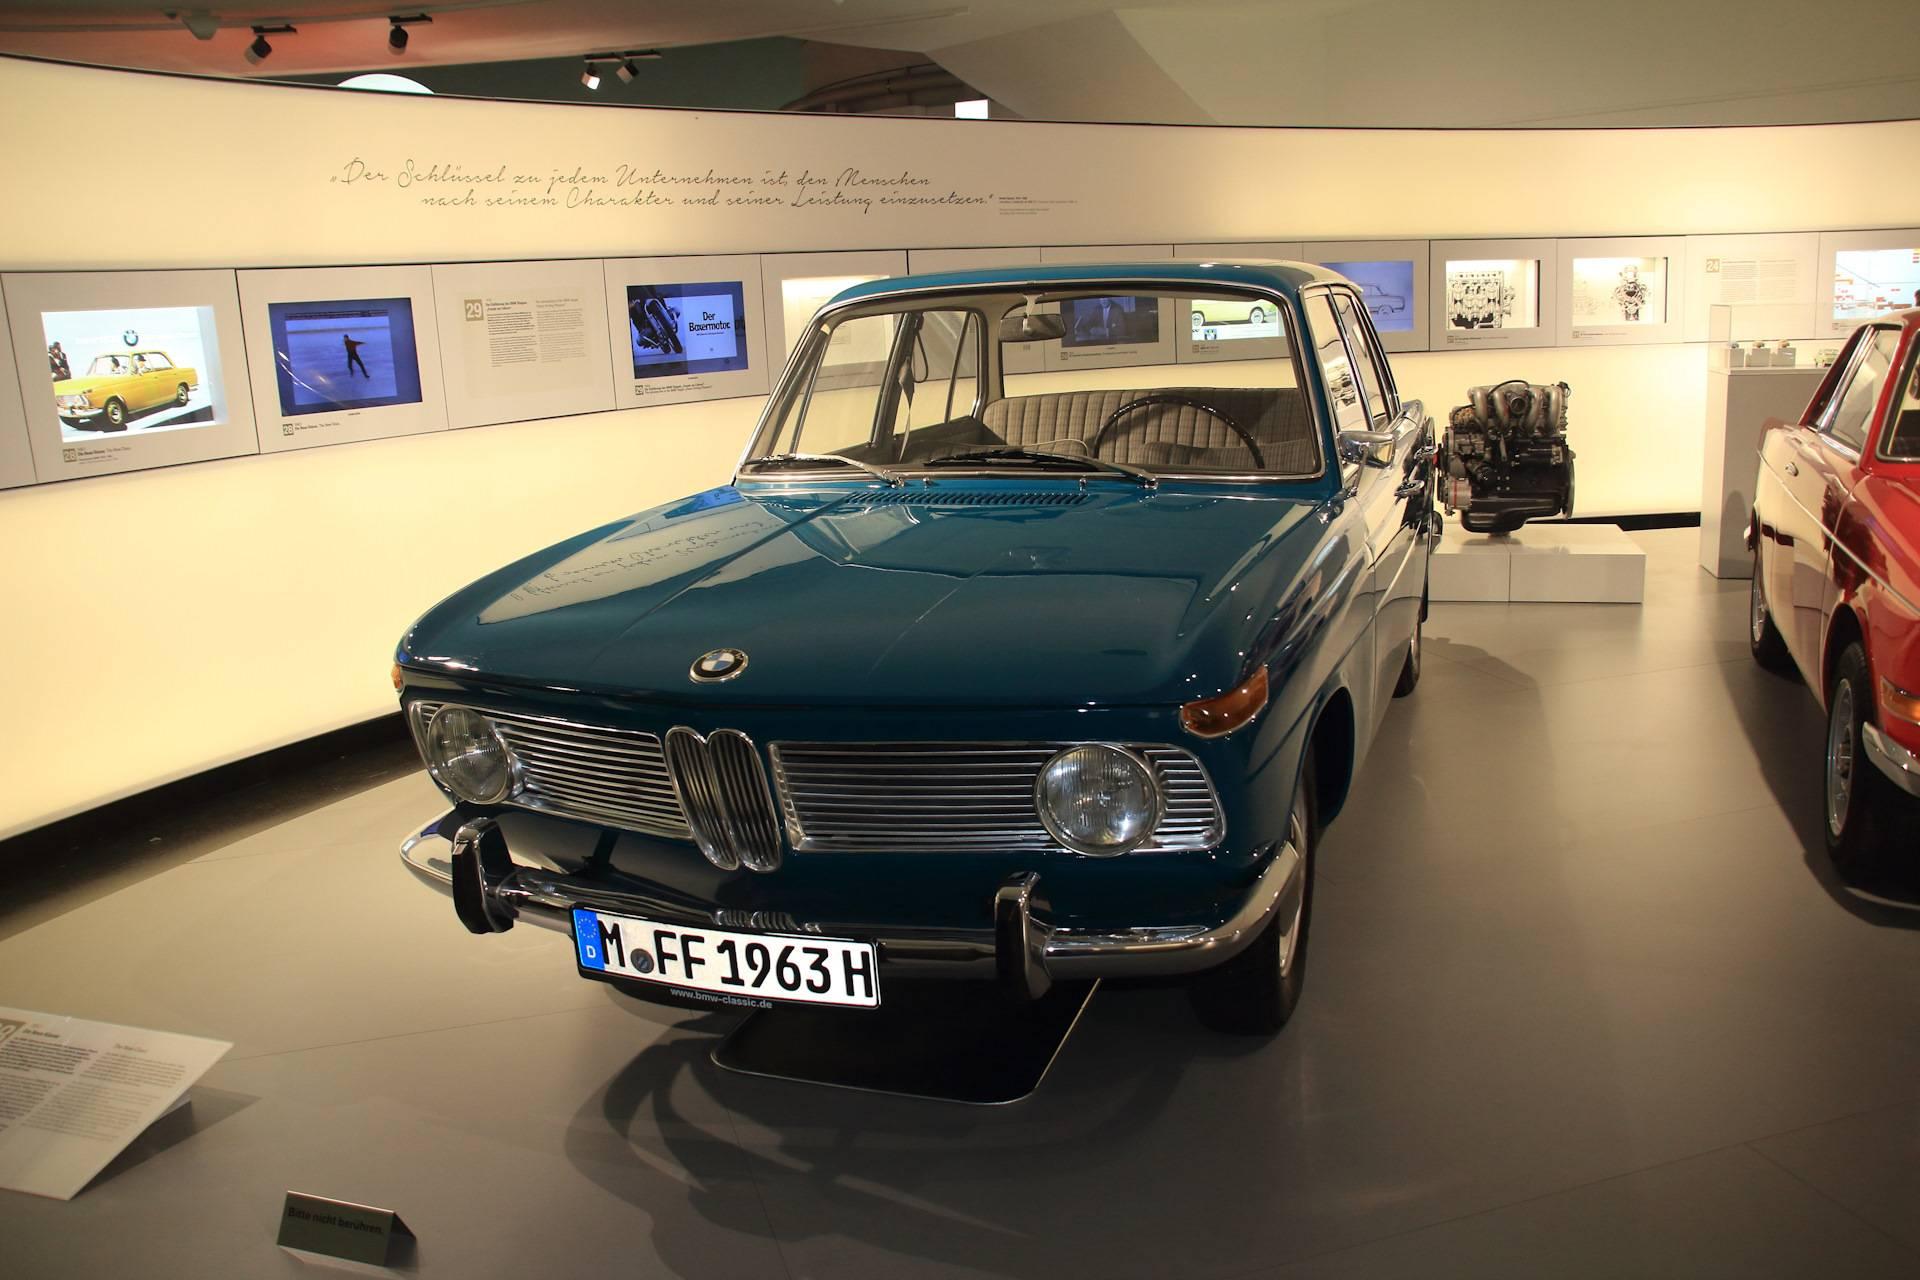 Германия - страна автомобилей. автомобильные заводы, музеи, миры, автомаршруты германии.